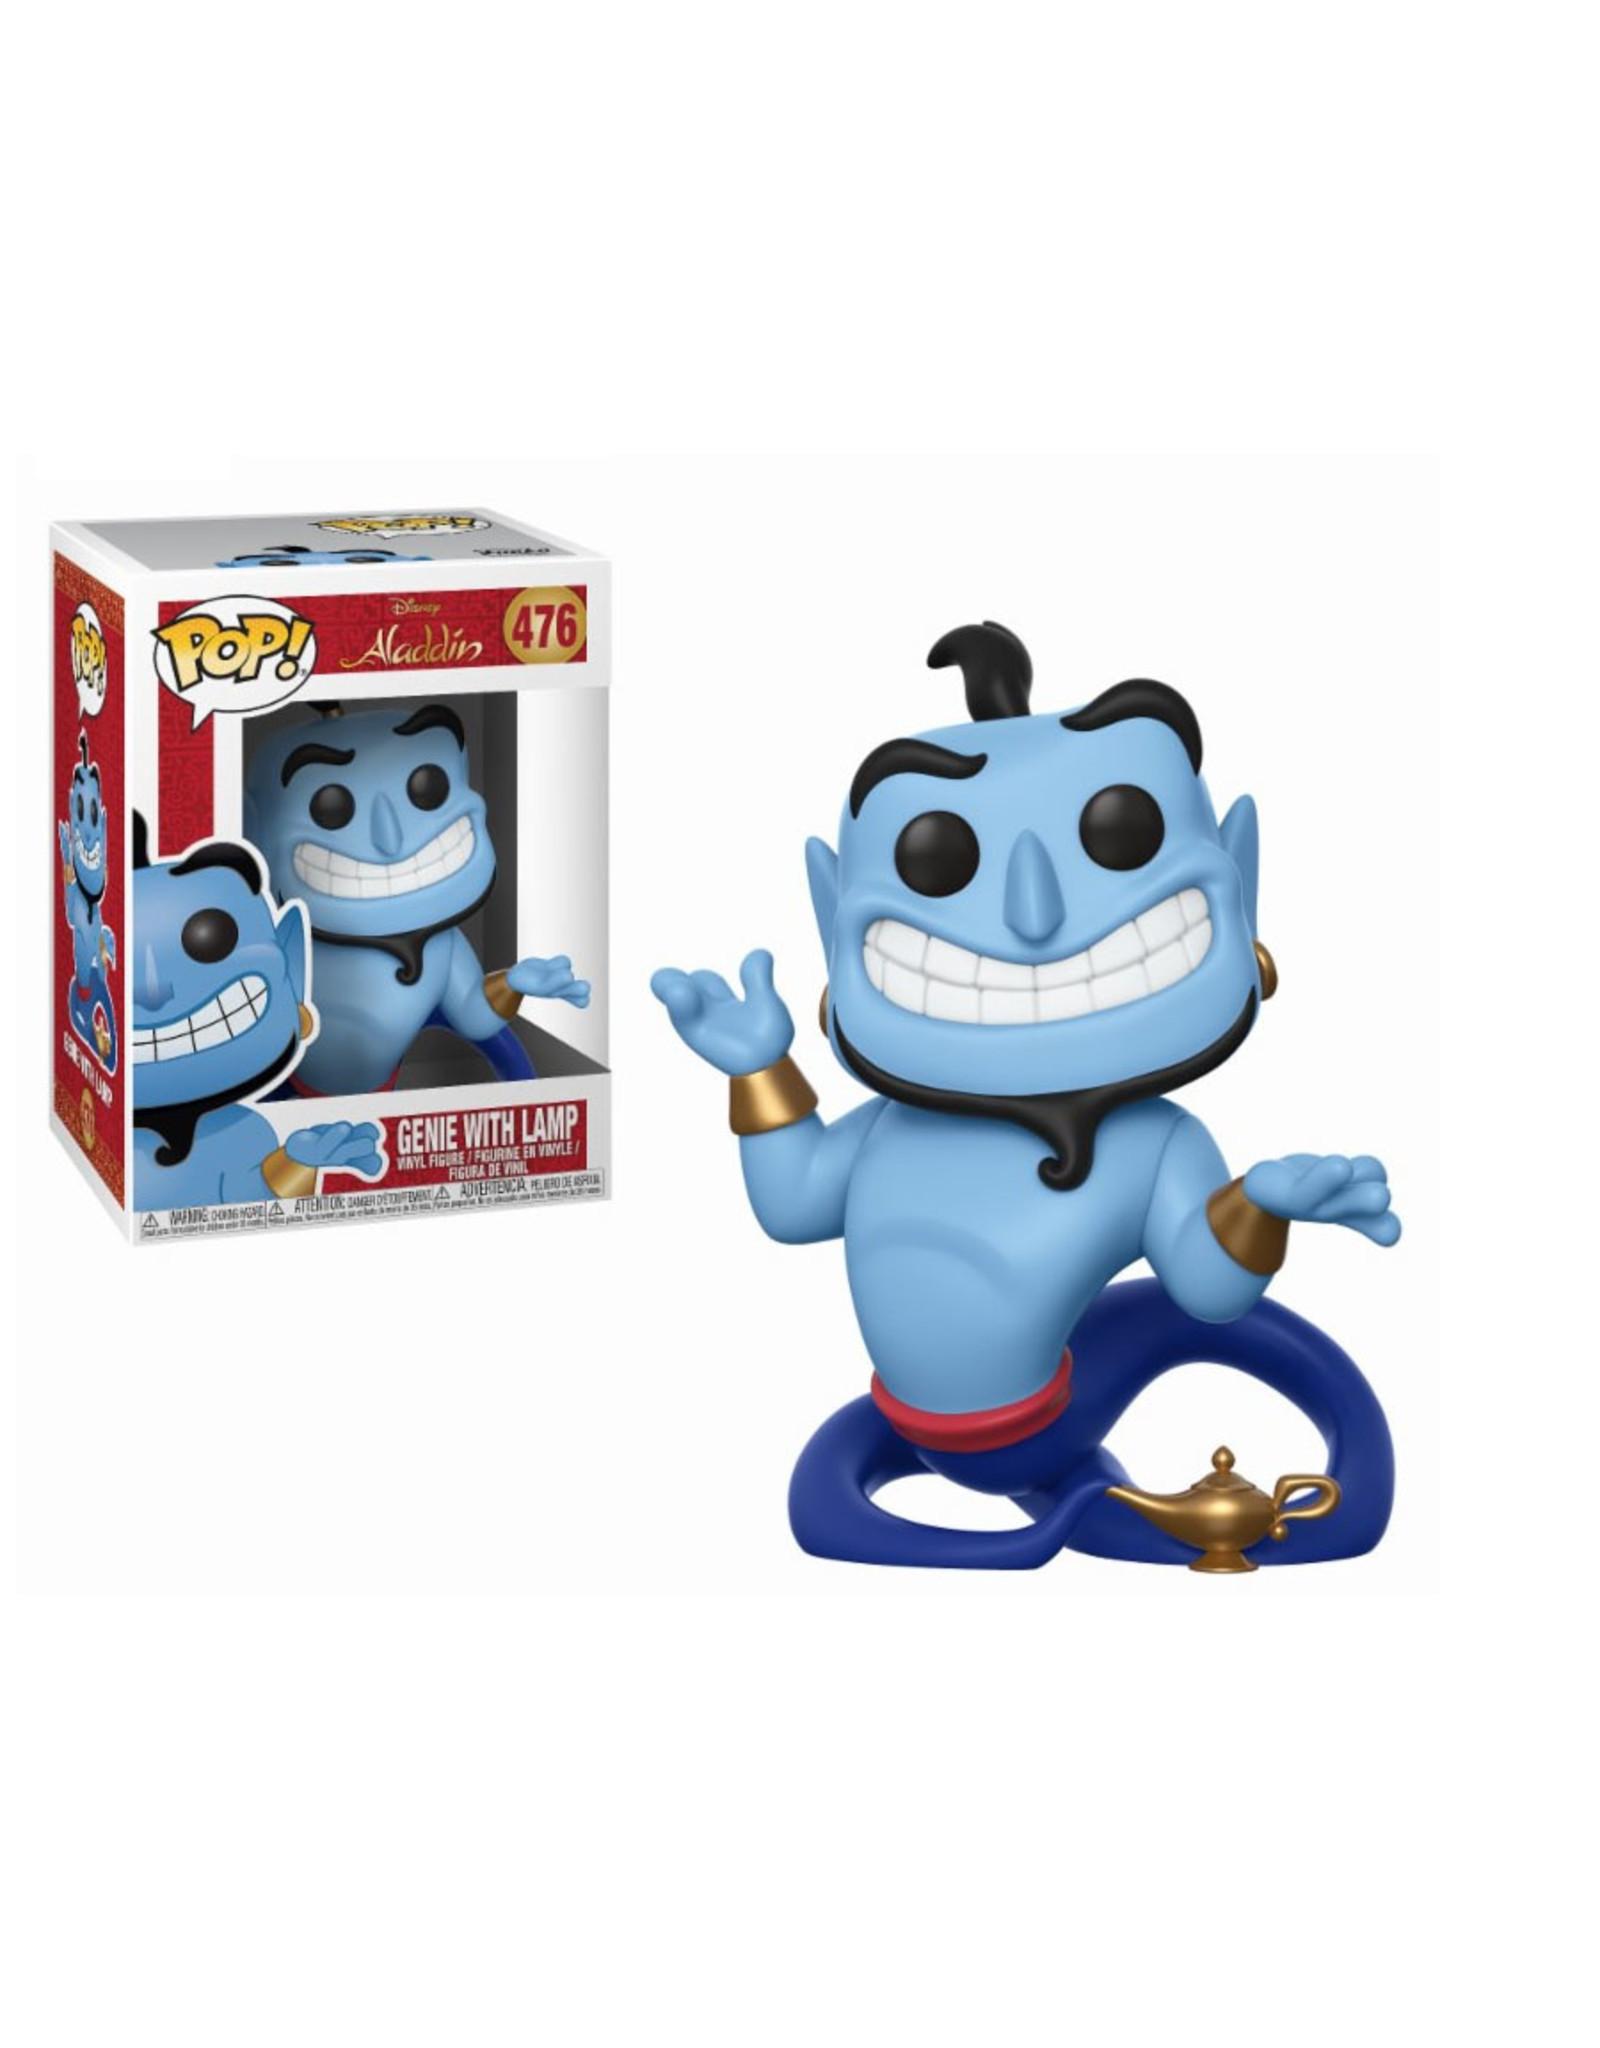 Funko Pop! Funko Pop! Disney nr476 Aladdin - Genie with Lamp